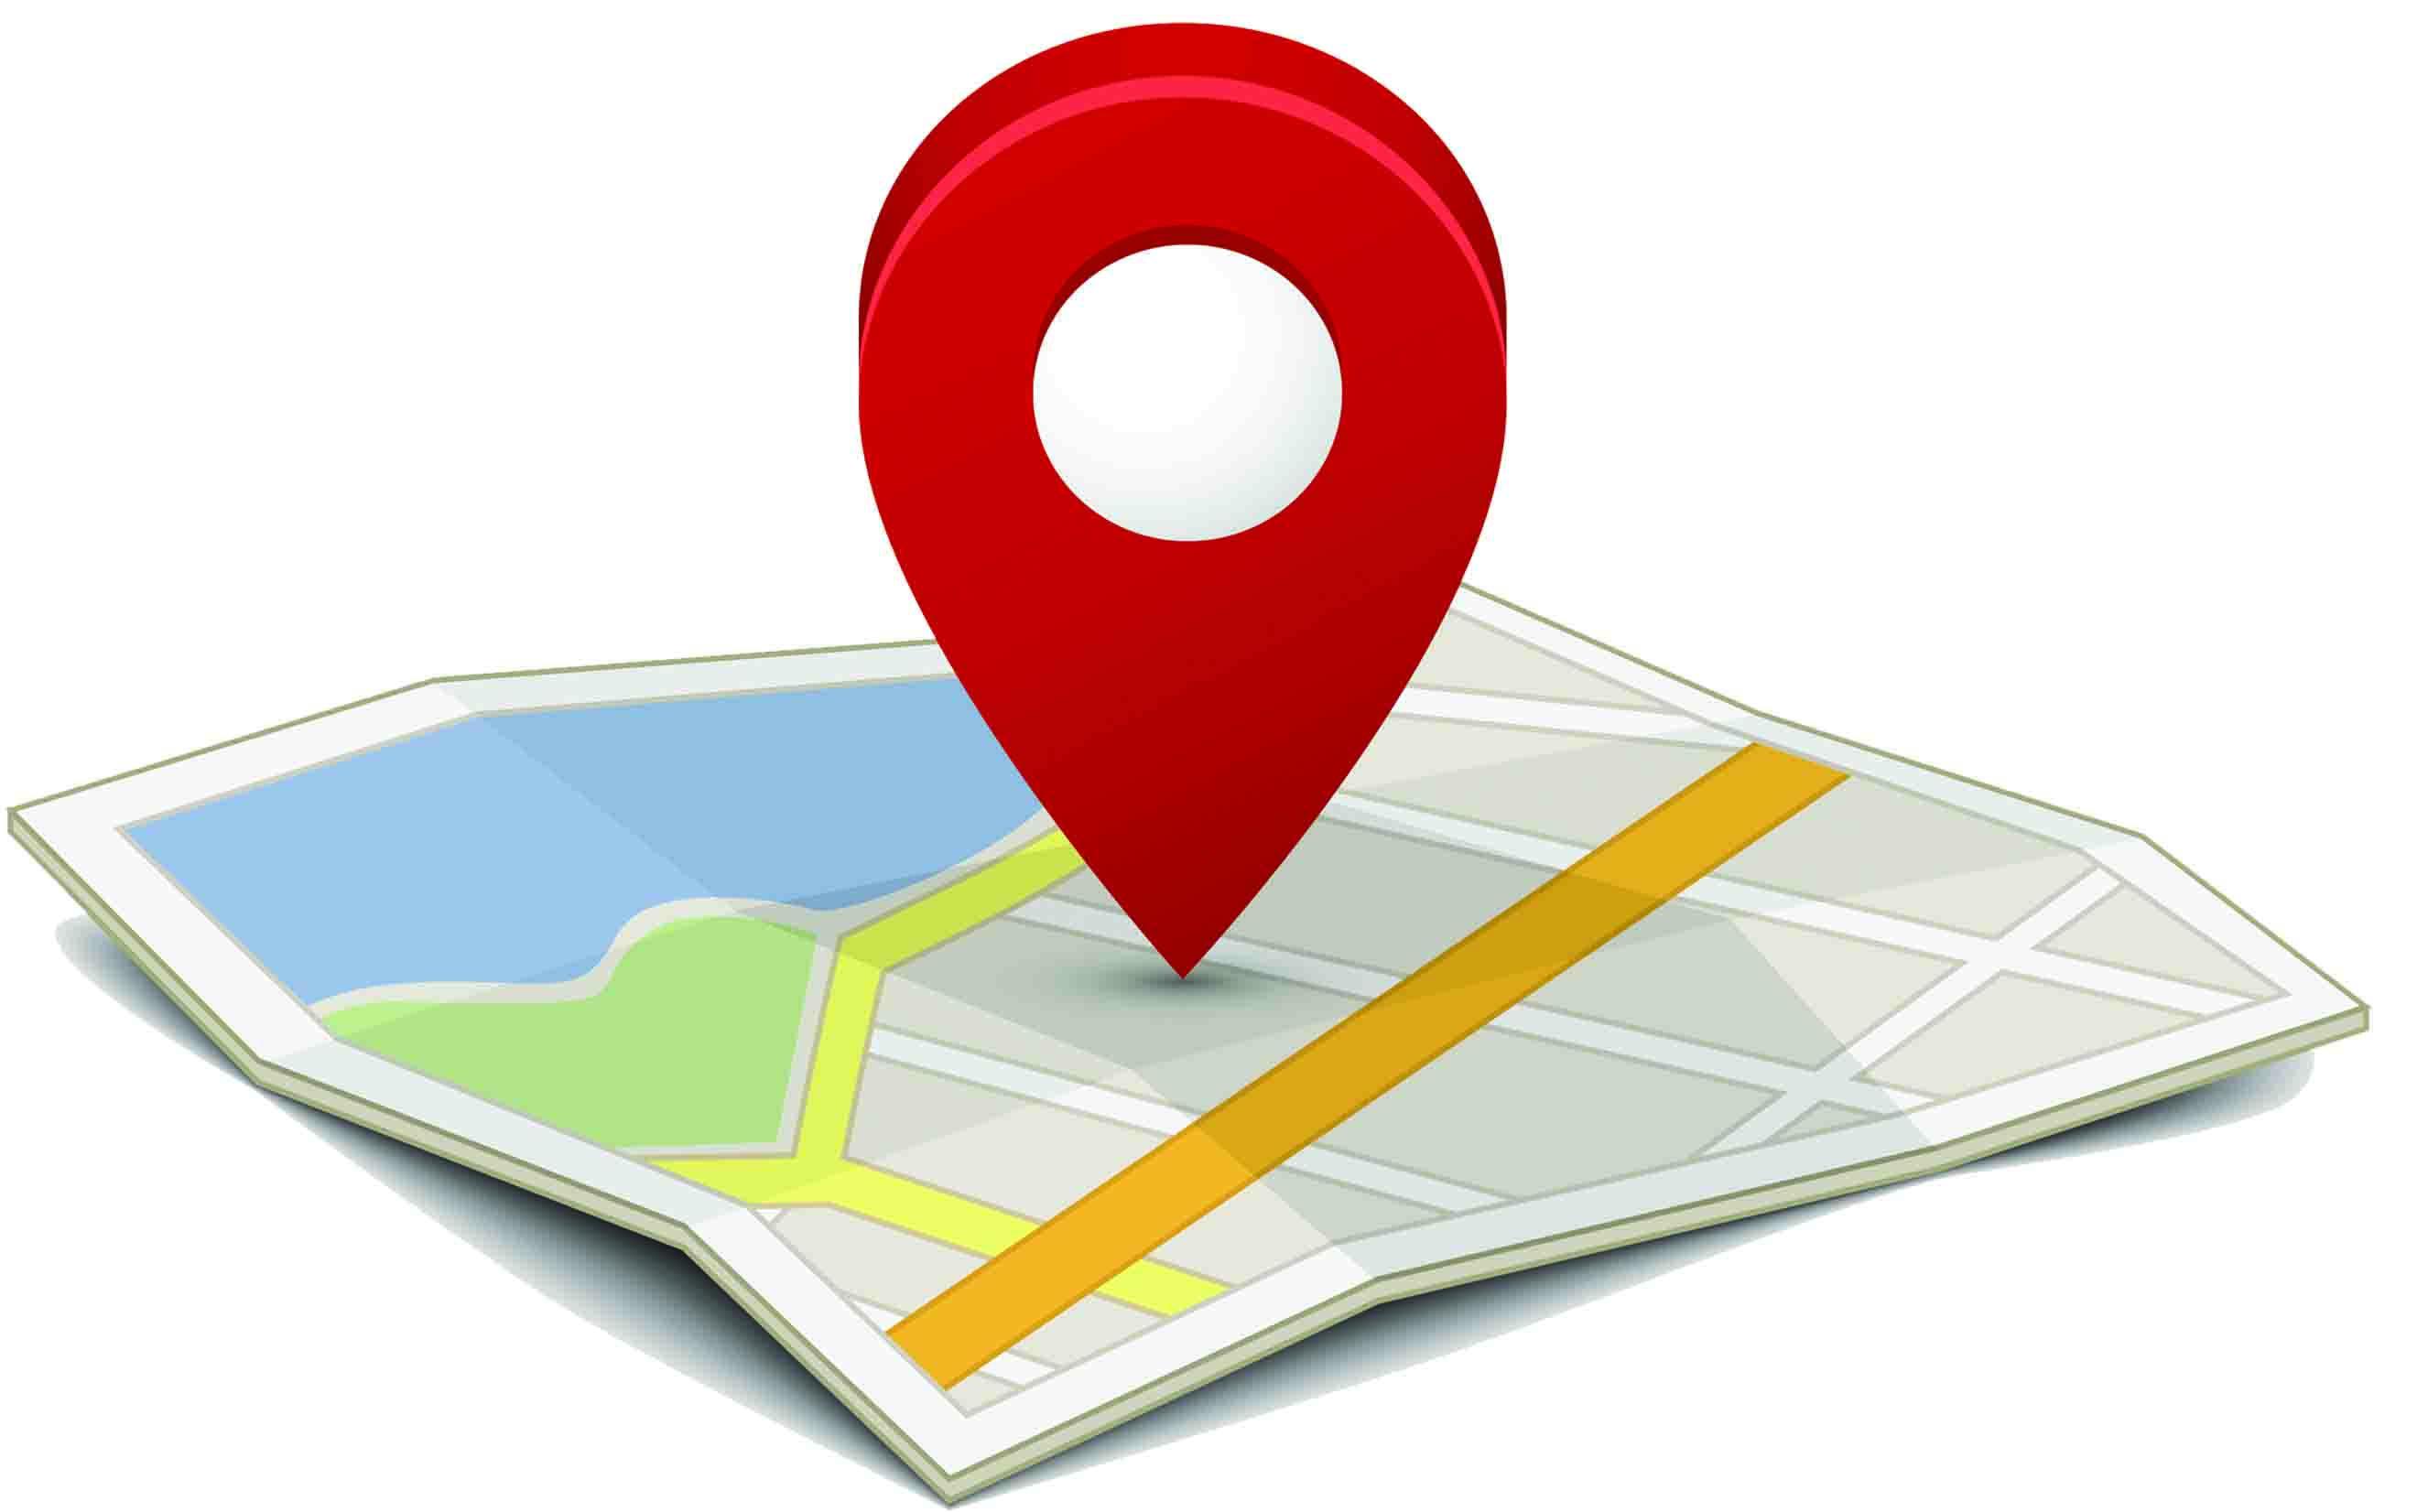 کاربردهای سیستم اطلاعات مکانی در حـــوزهی مشـــاوره امـلاک